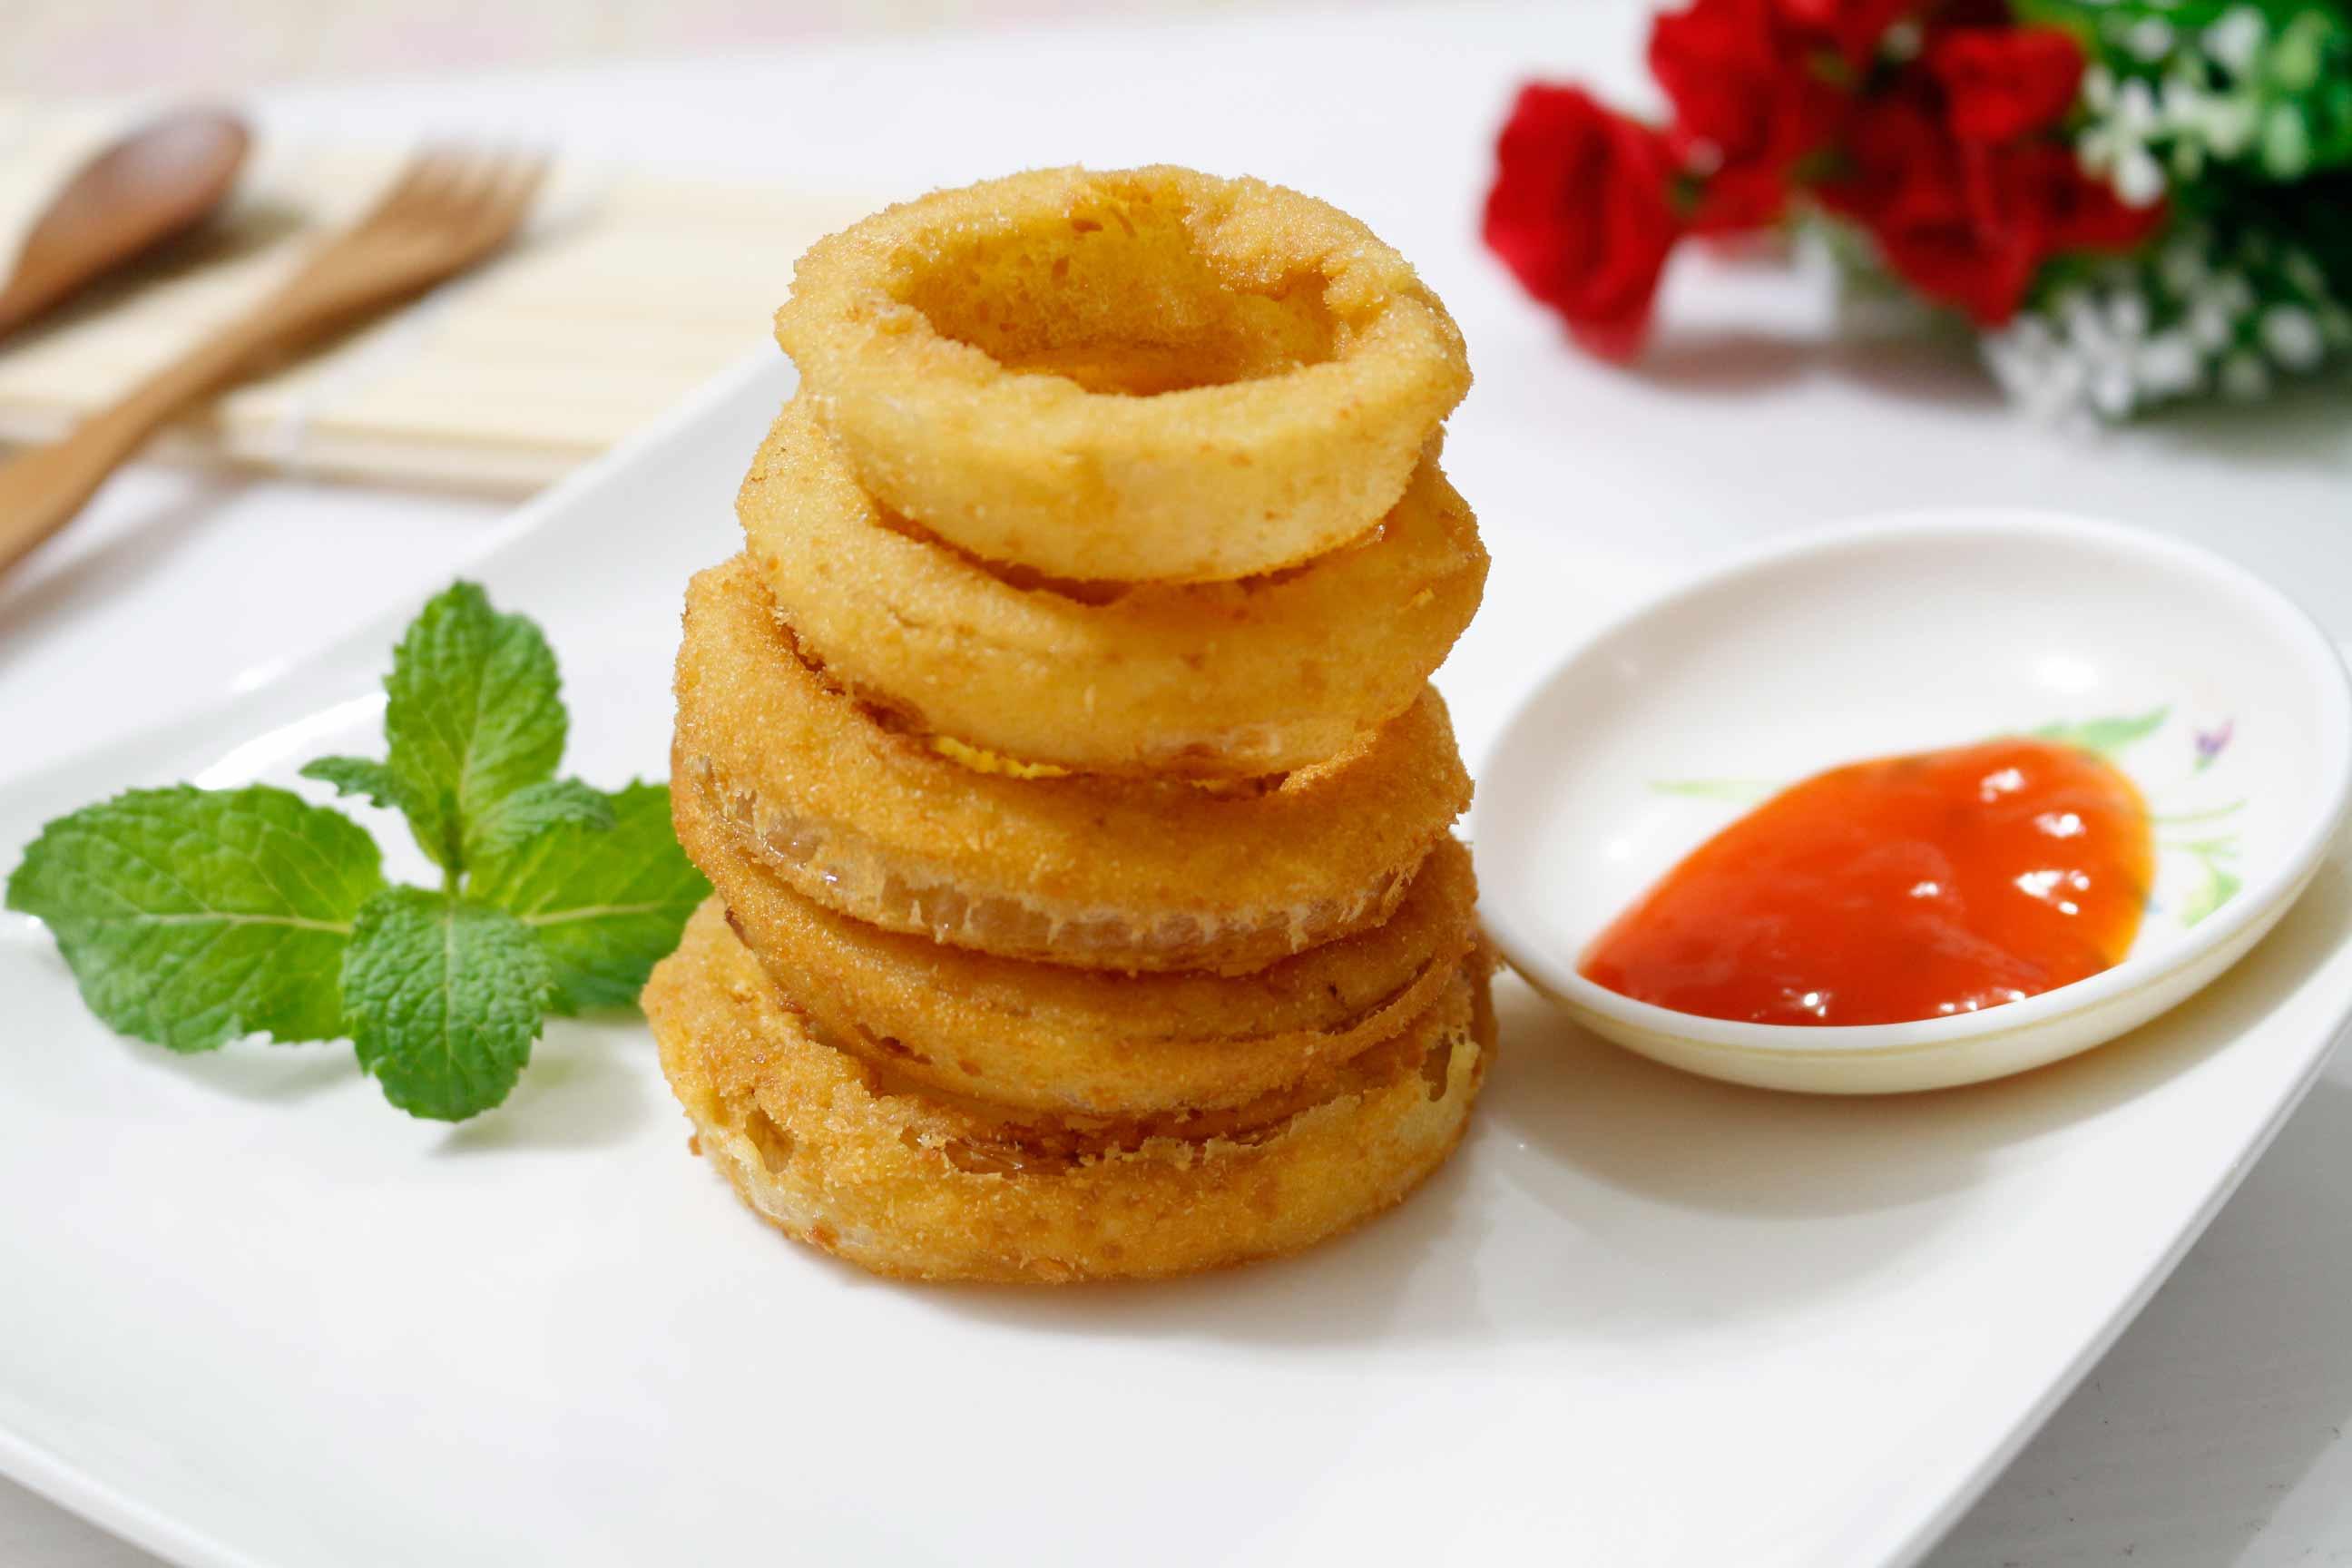 Tự làm những món ăn vặt siêu ngon, mê hoặc từ trẻ con tới người lớn - 3